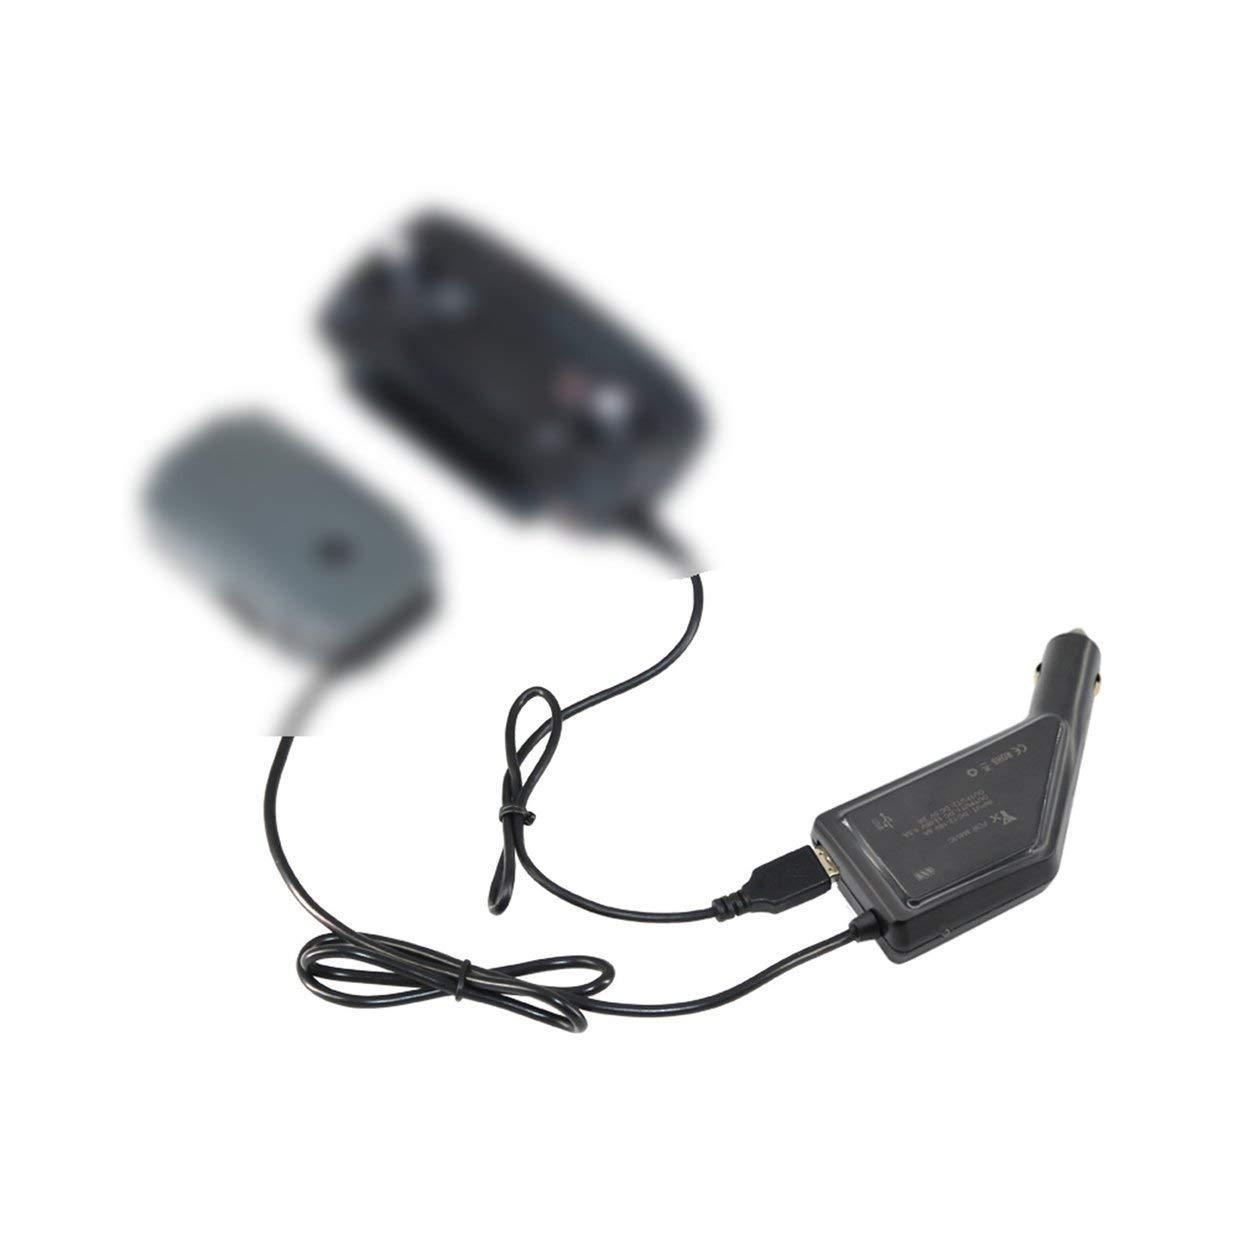 Lorenlli 2 en 1 Batterie Rapide Chargeur de Voiture Intelligent avec Port USB de Charge de la s/écurit/é pour DJI Mavic Pro Drone /émetteur t/él/éphone Portable Tablette